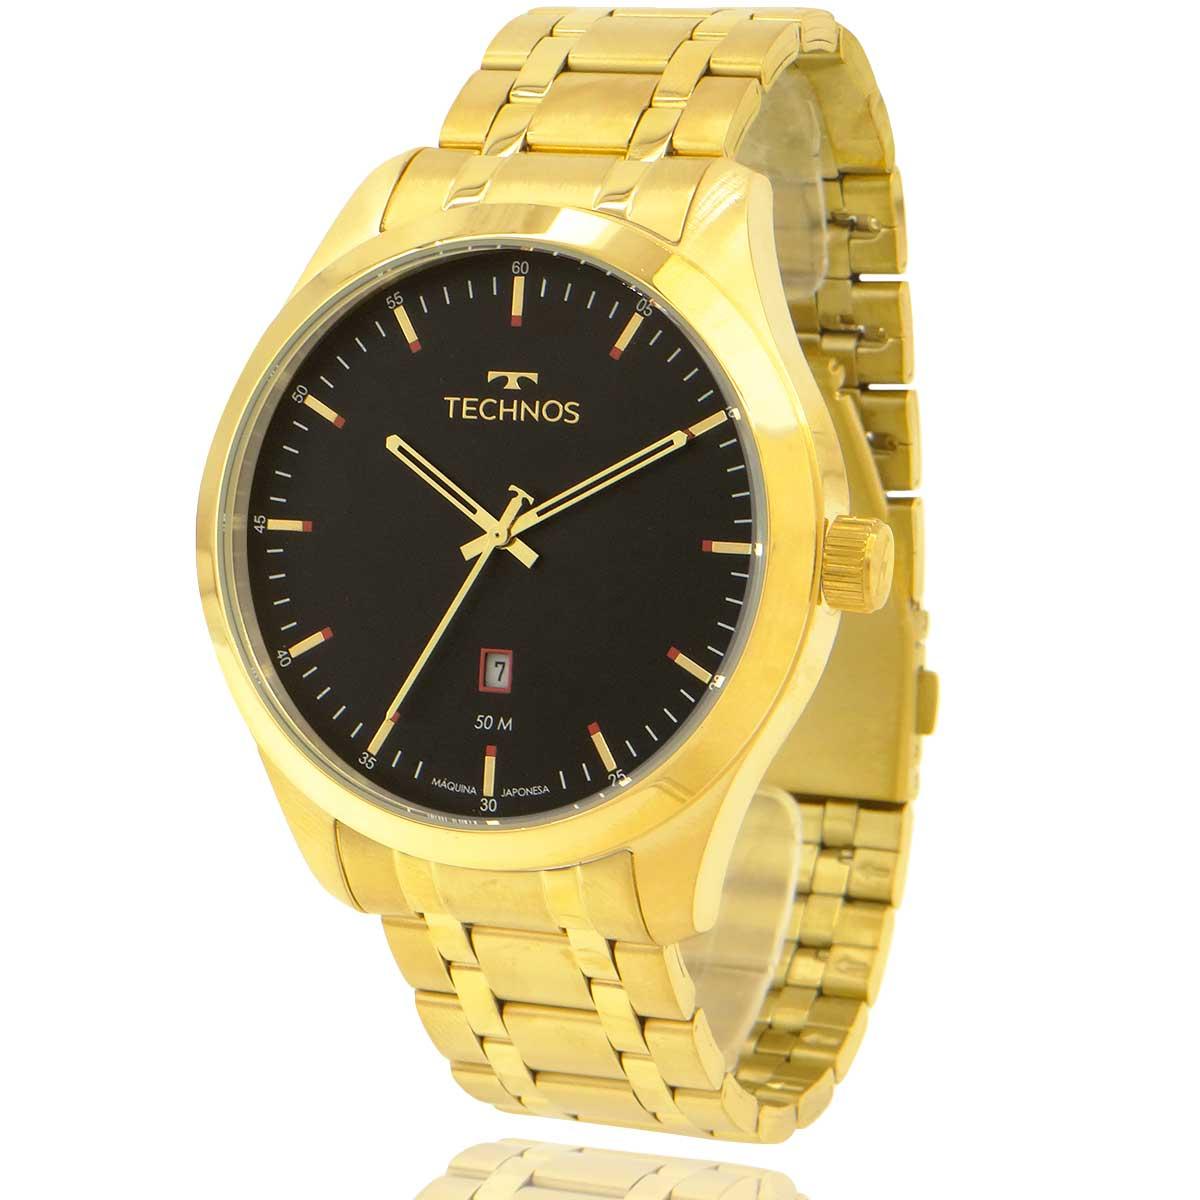 Relógio Technos Masculino Dourado e Preto 2115MSBS4P com Carteira Lebrave de Brinde